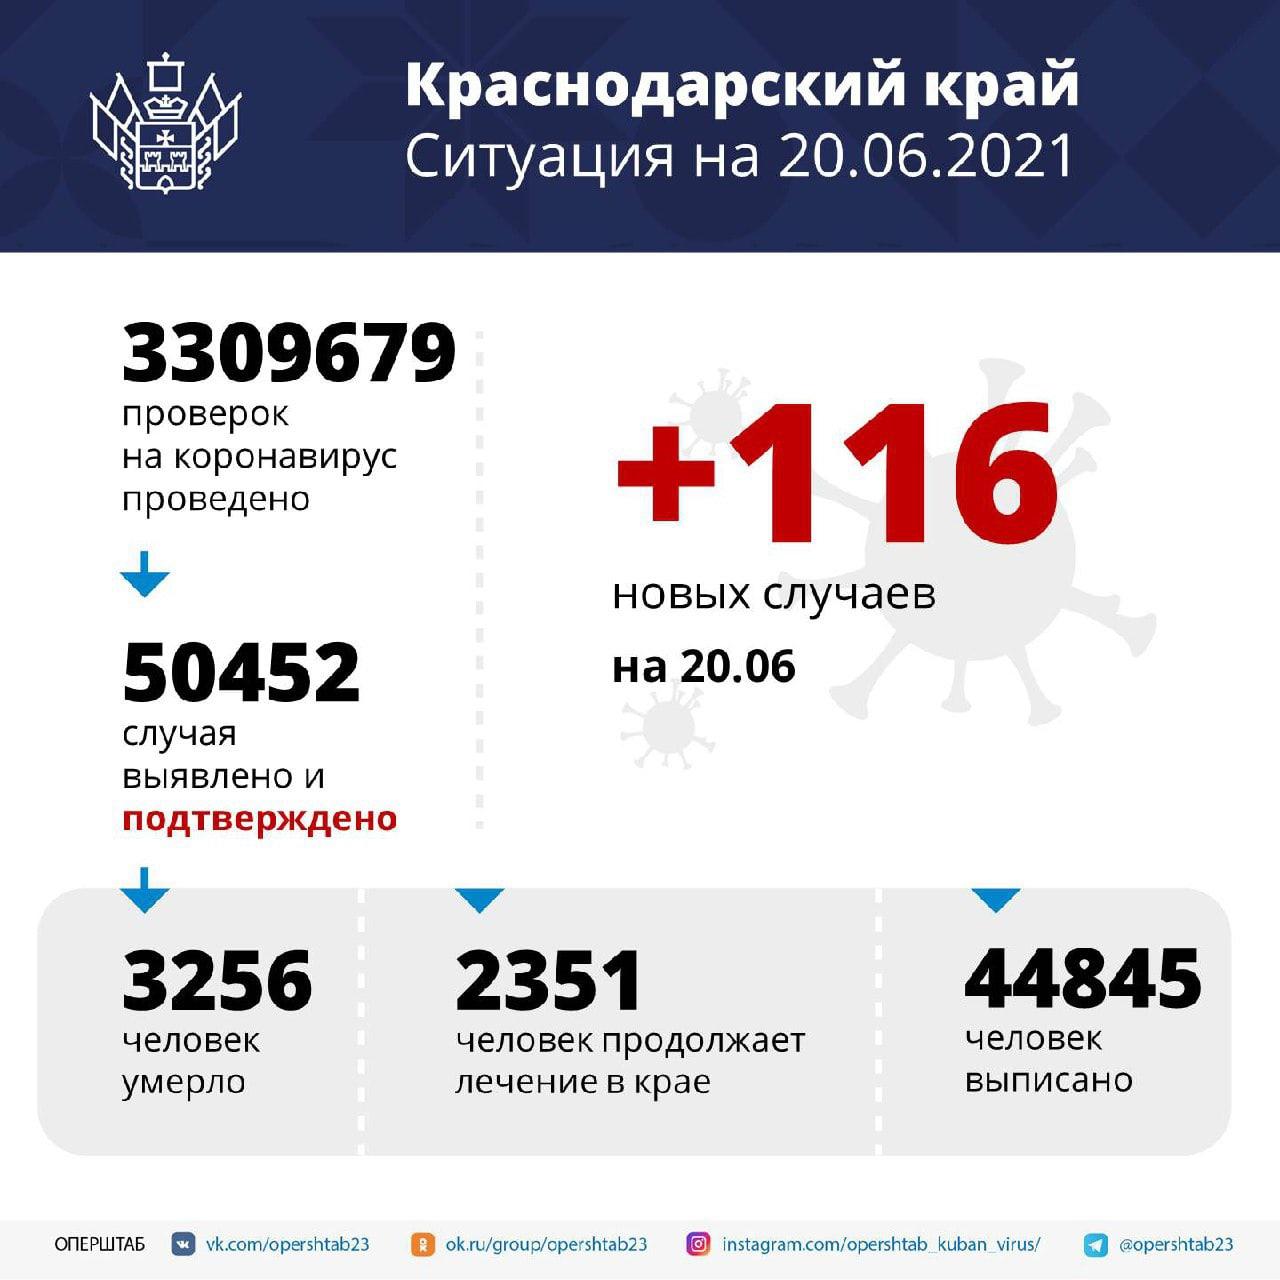 В Краснодарском крае за сутки зарегистрировали 116 случаев...